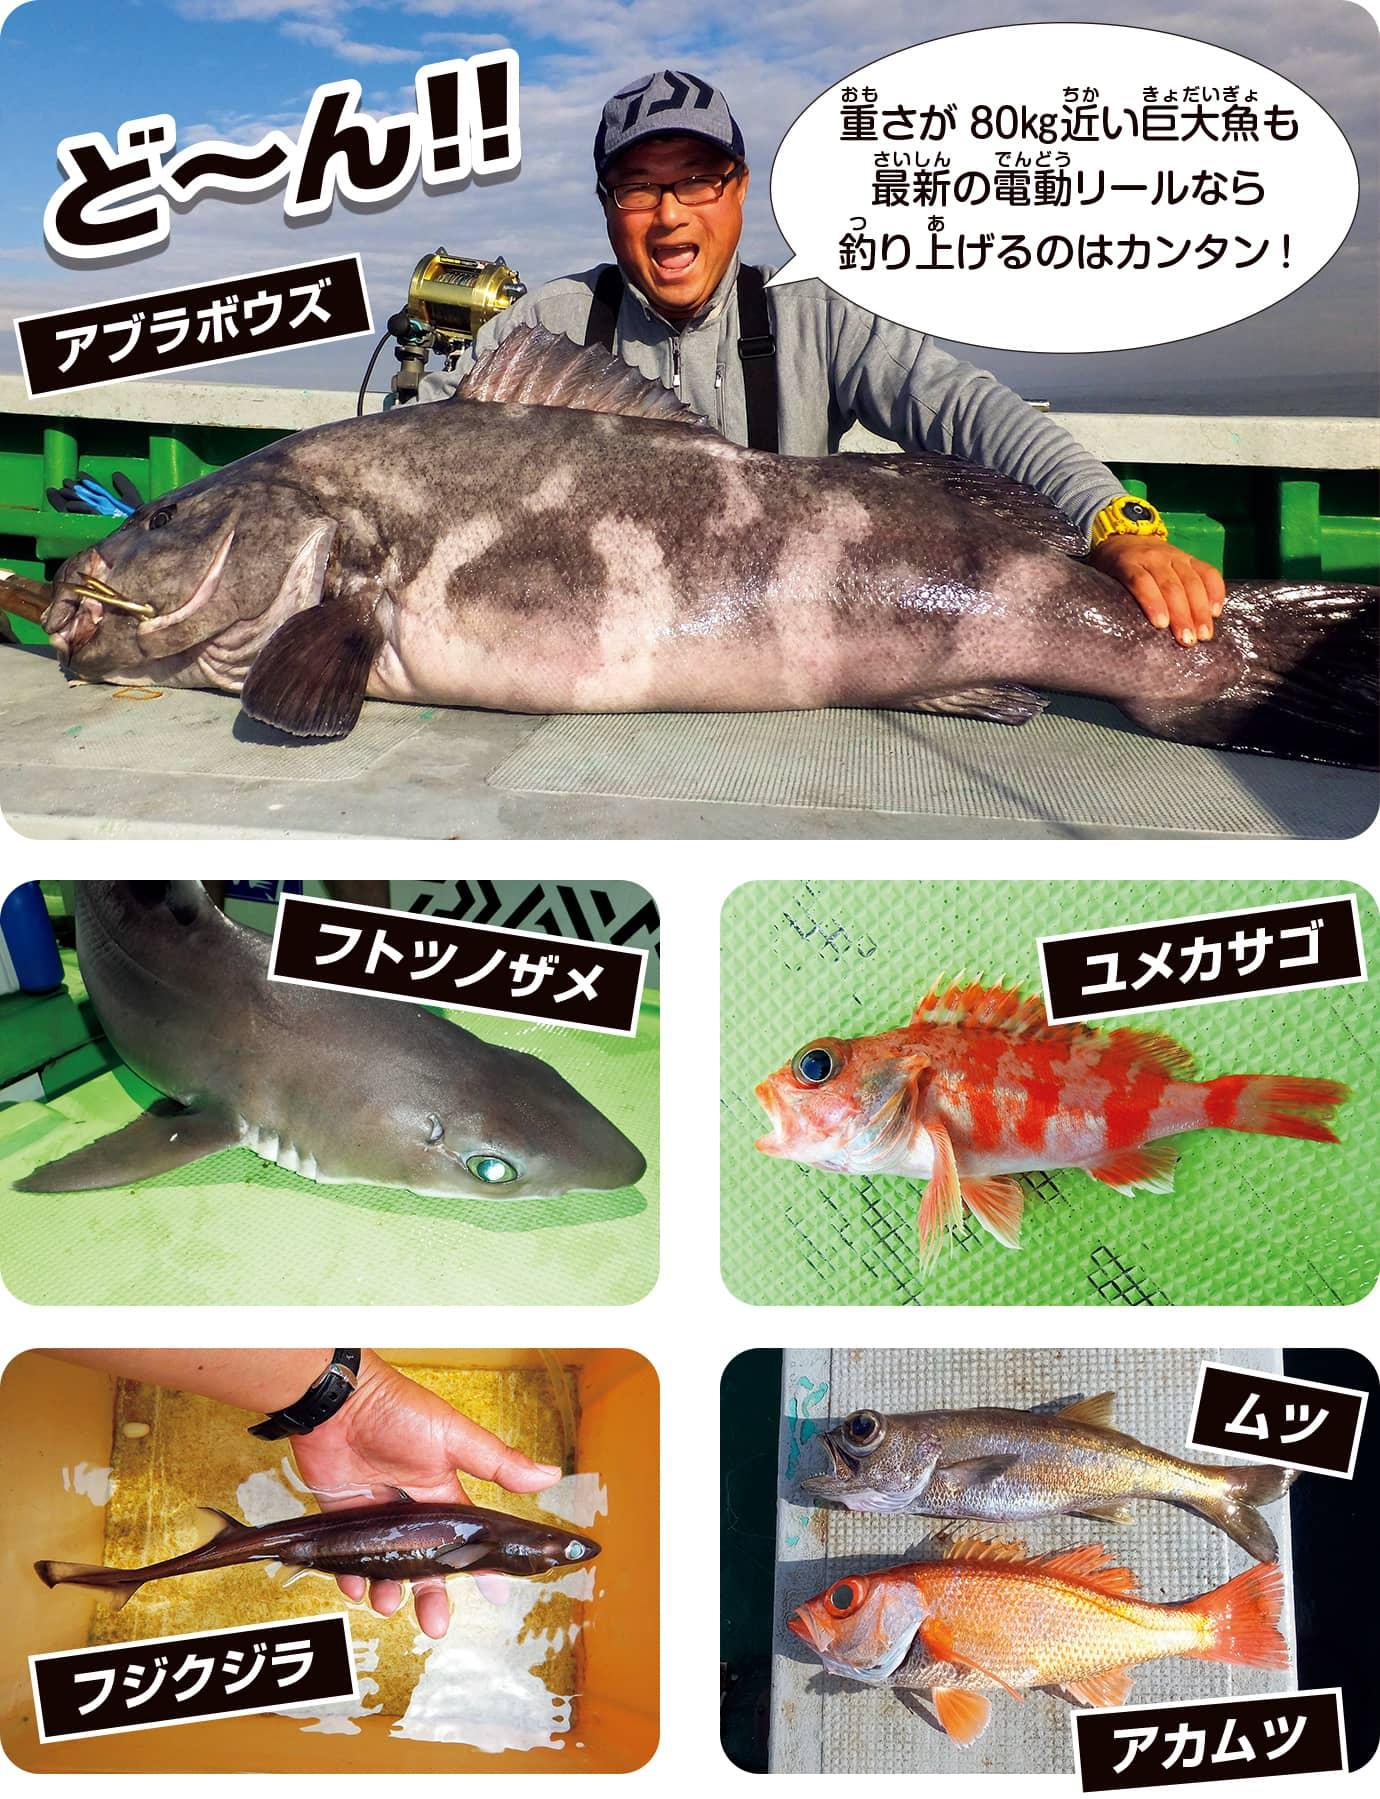 水深1000mの深海魚も釣れるようになった!